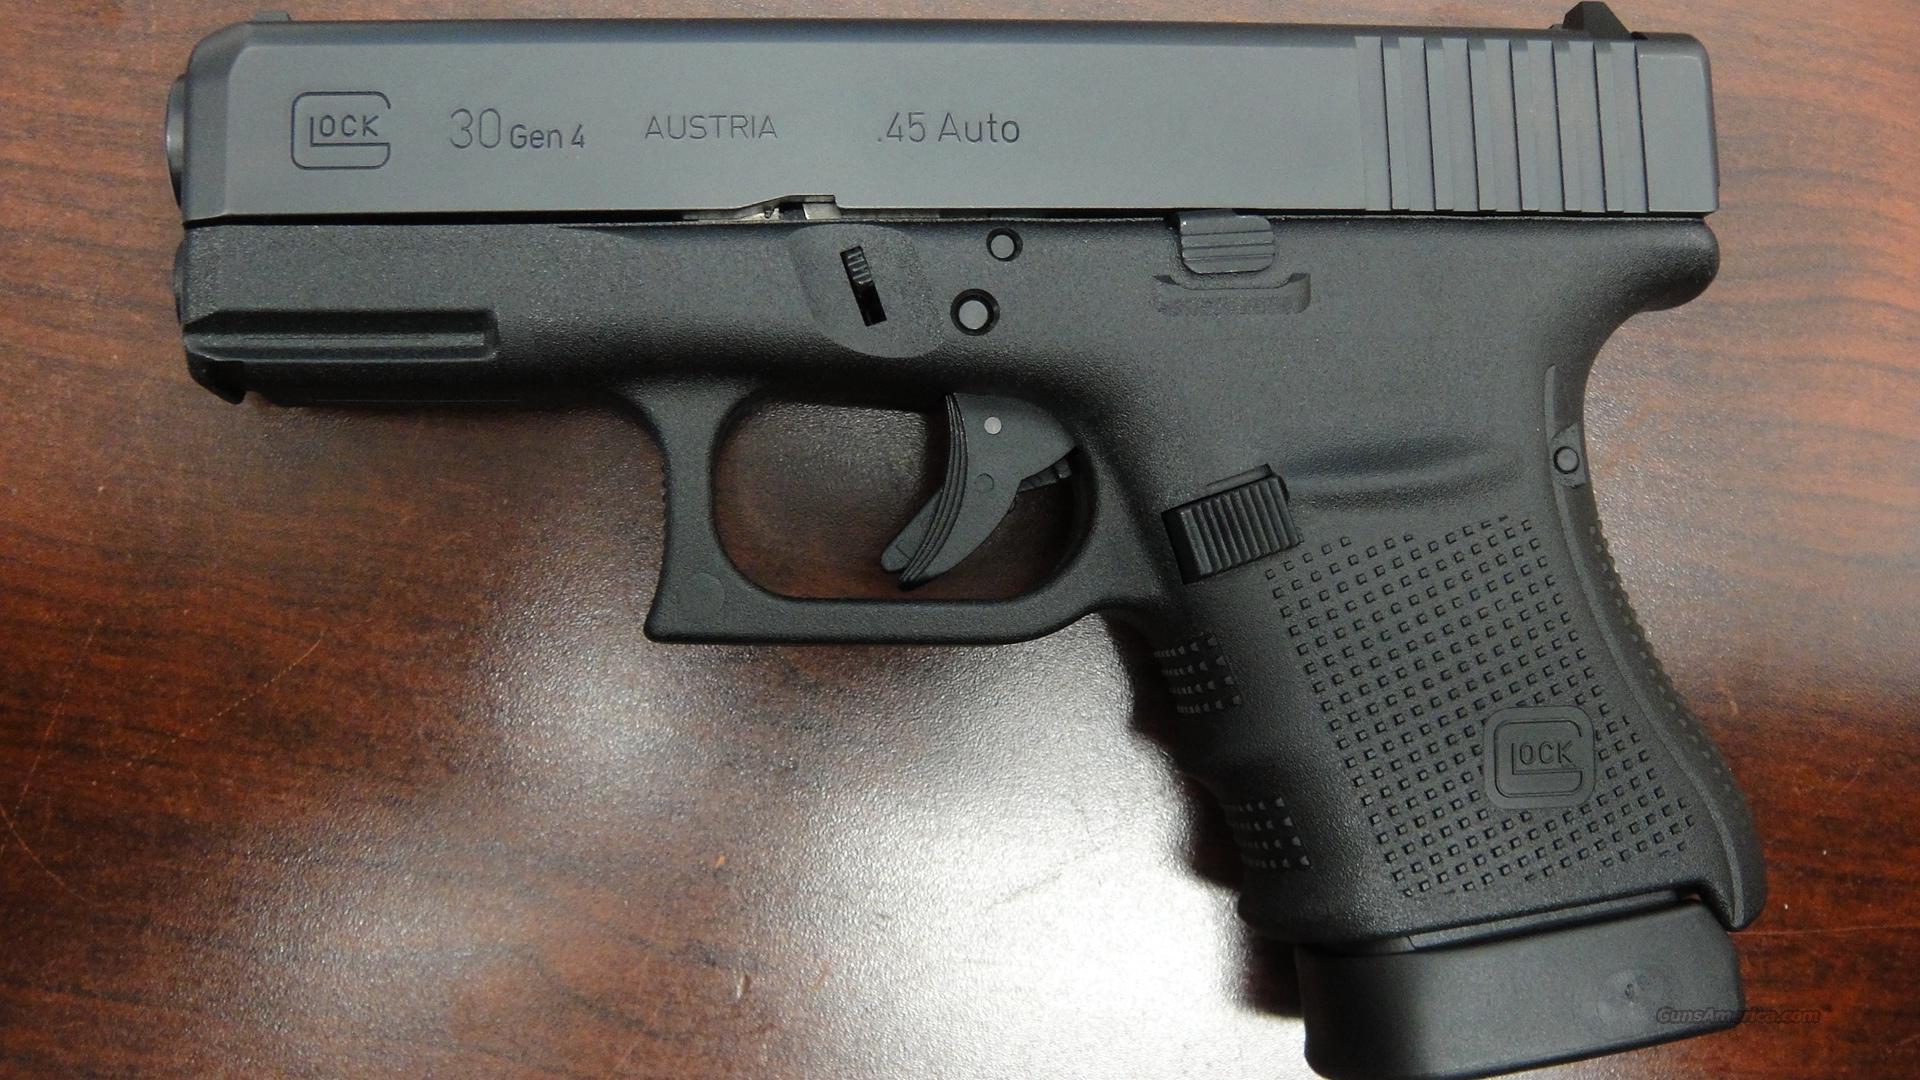 Glock 30s Gen 4 Glock 30 Gen 4 for sal...